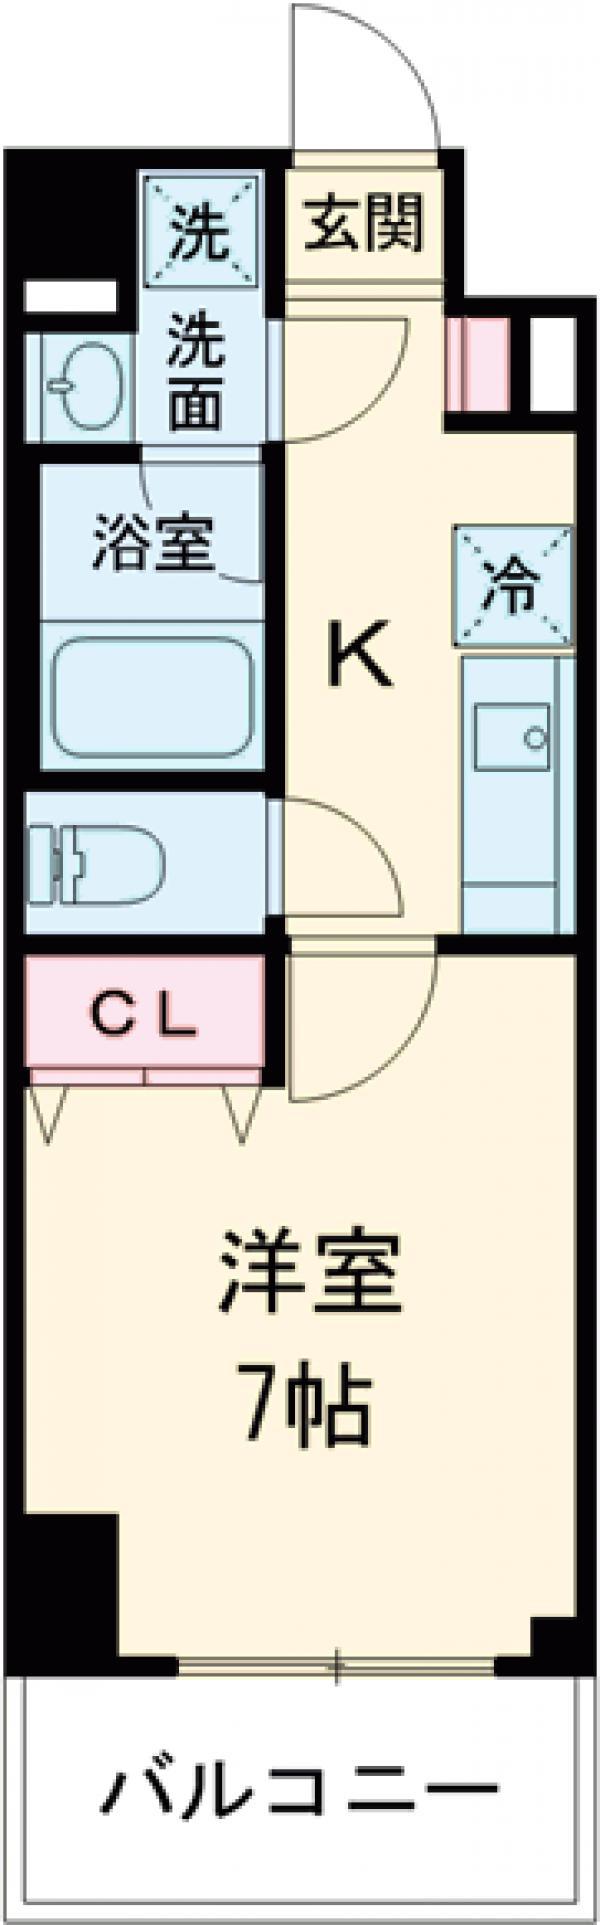 ロイジェント上野桜木・204号室の間取り